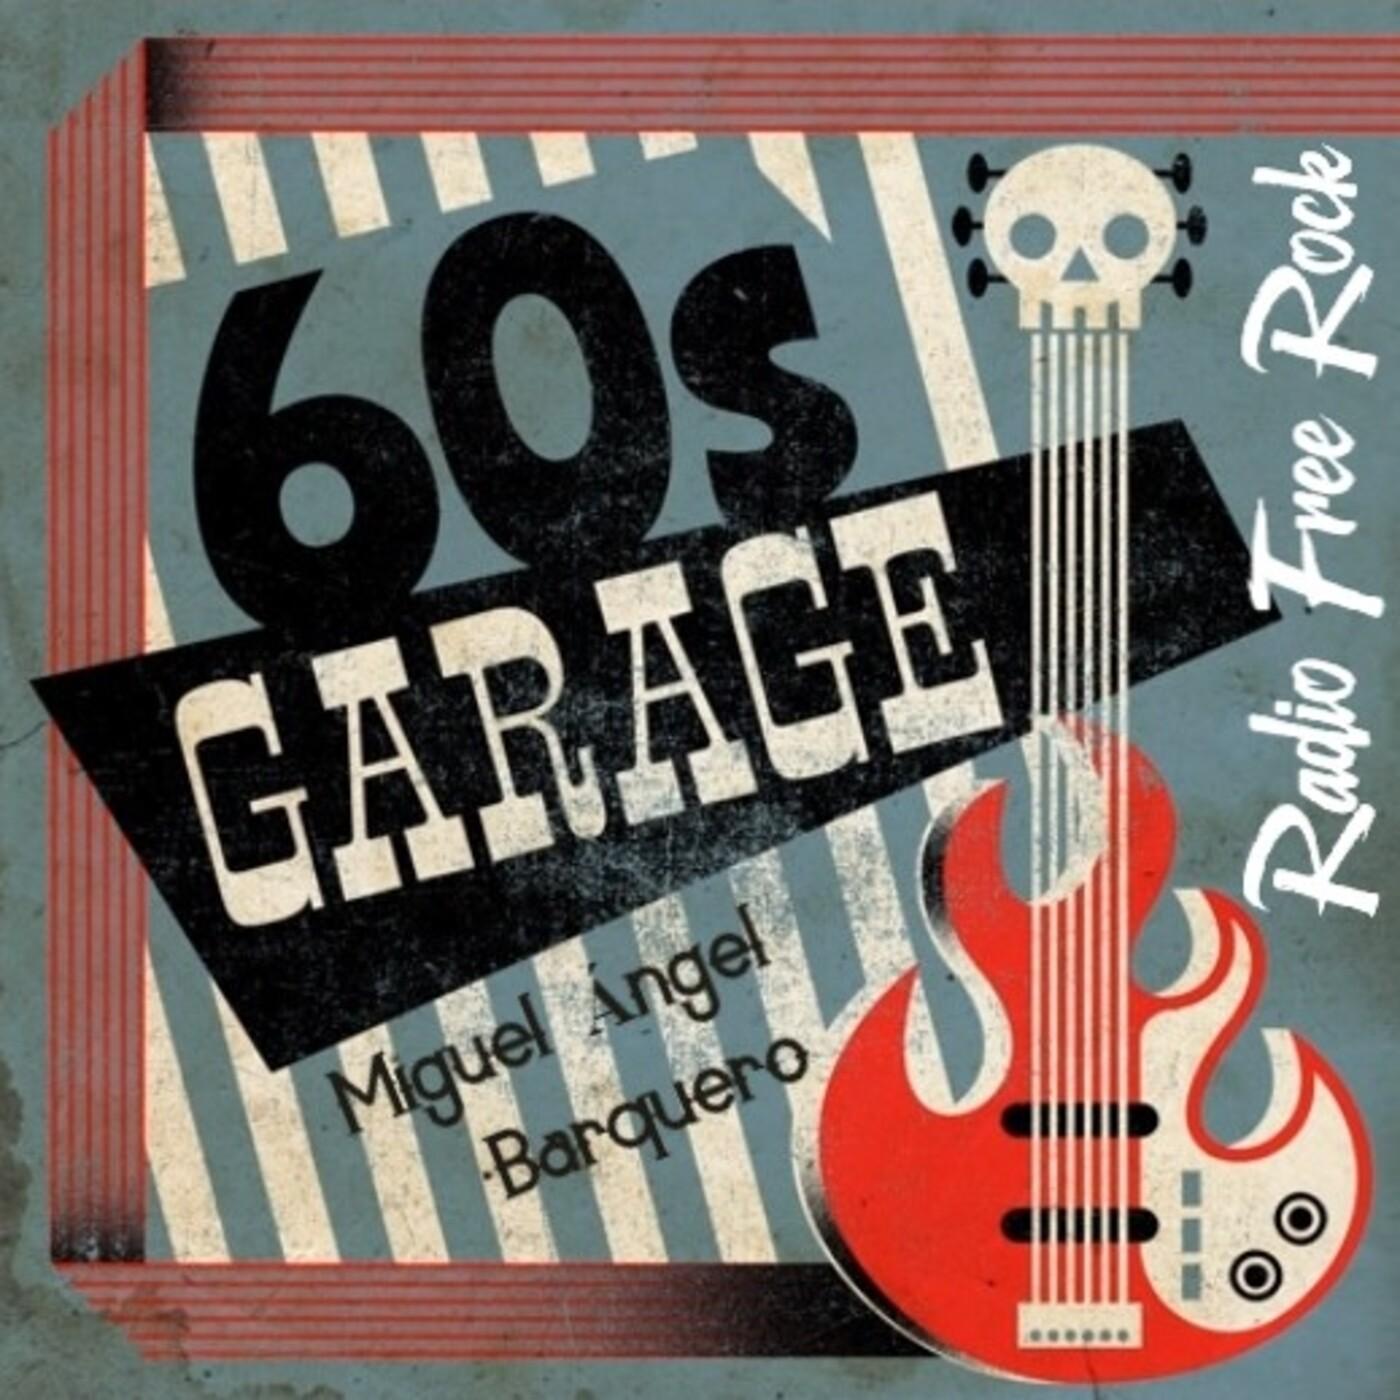 Radio Free Rock: Discos de los 60 que deberías volver a escuchar